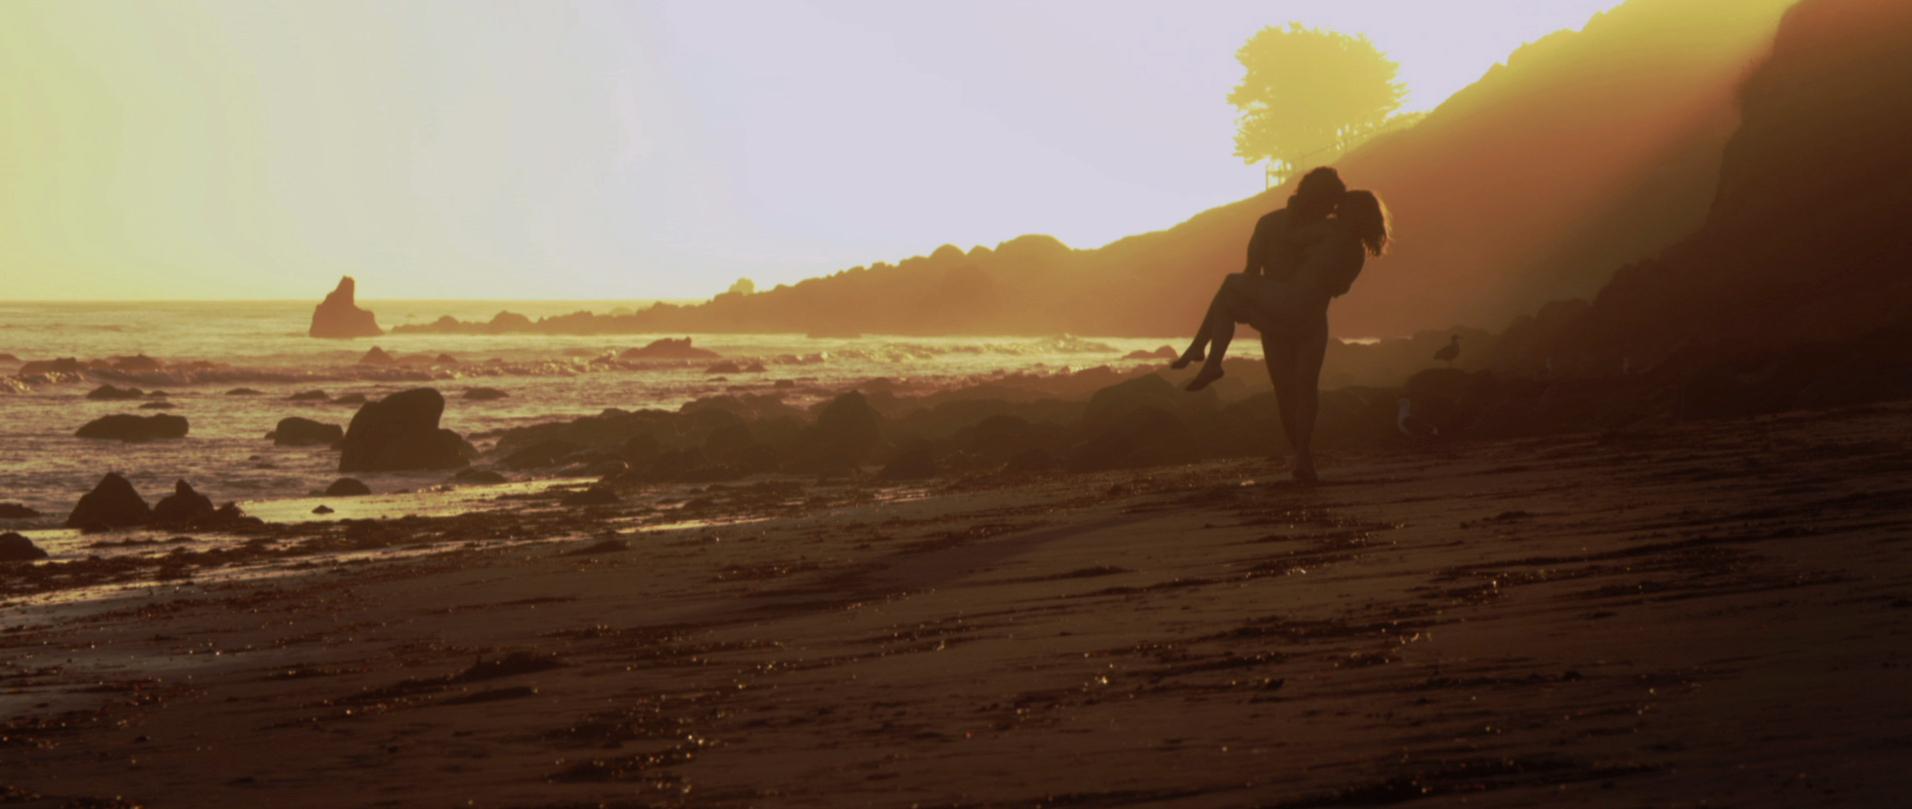 beach1-crop-darker.JPG